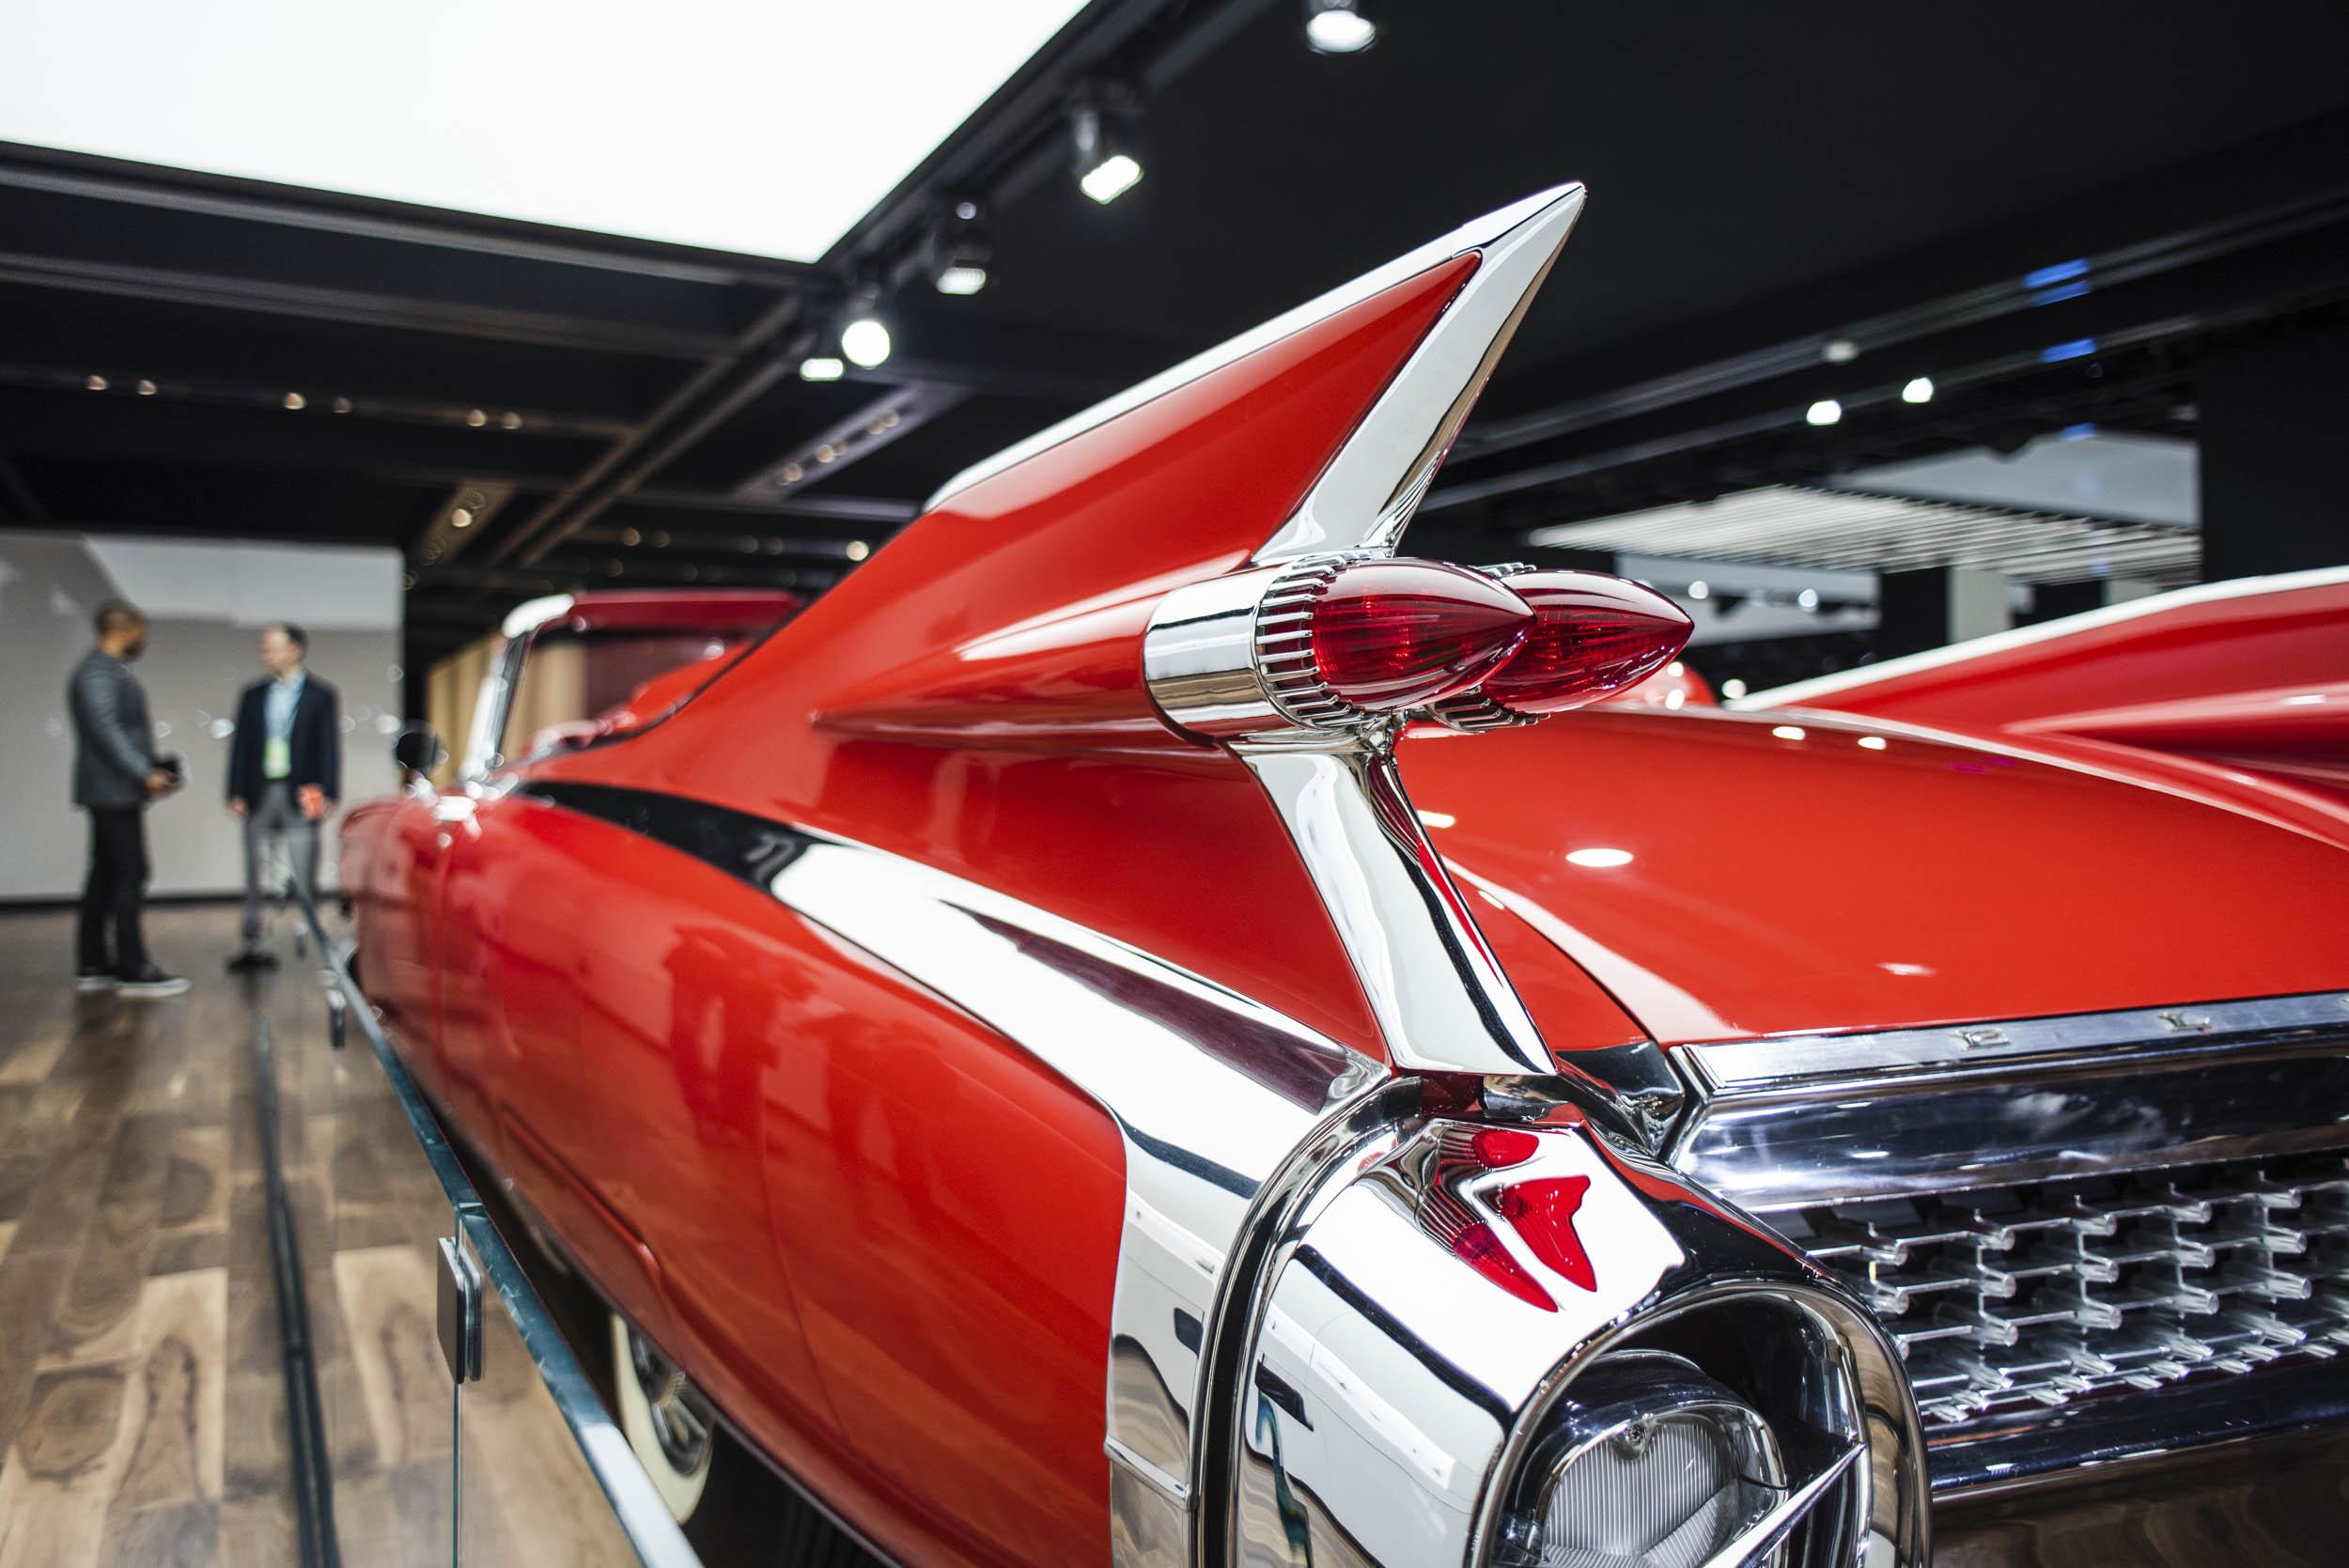 1959 Cadillac Eldorado fin detail